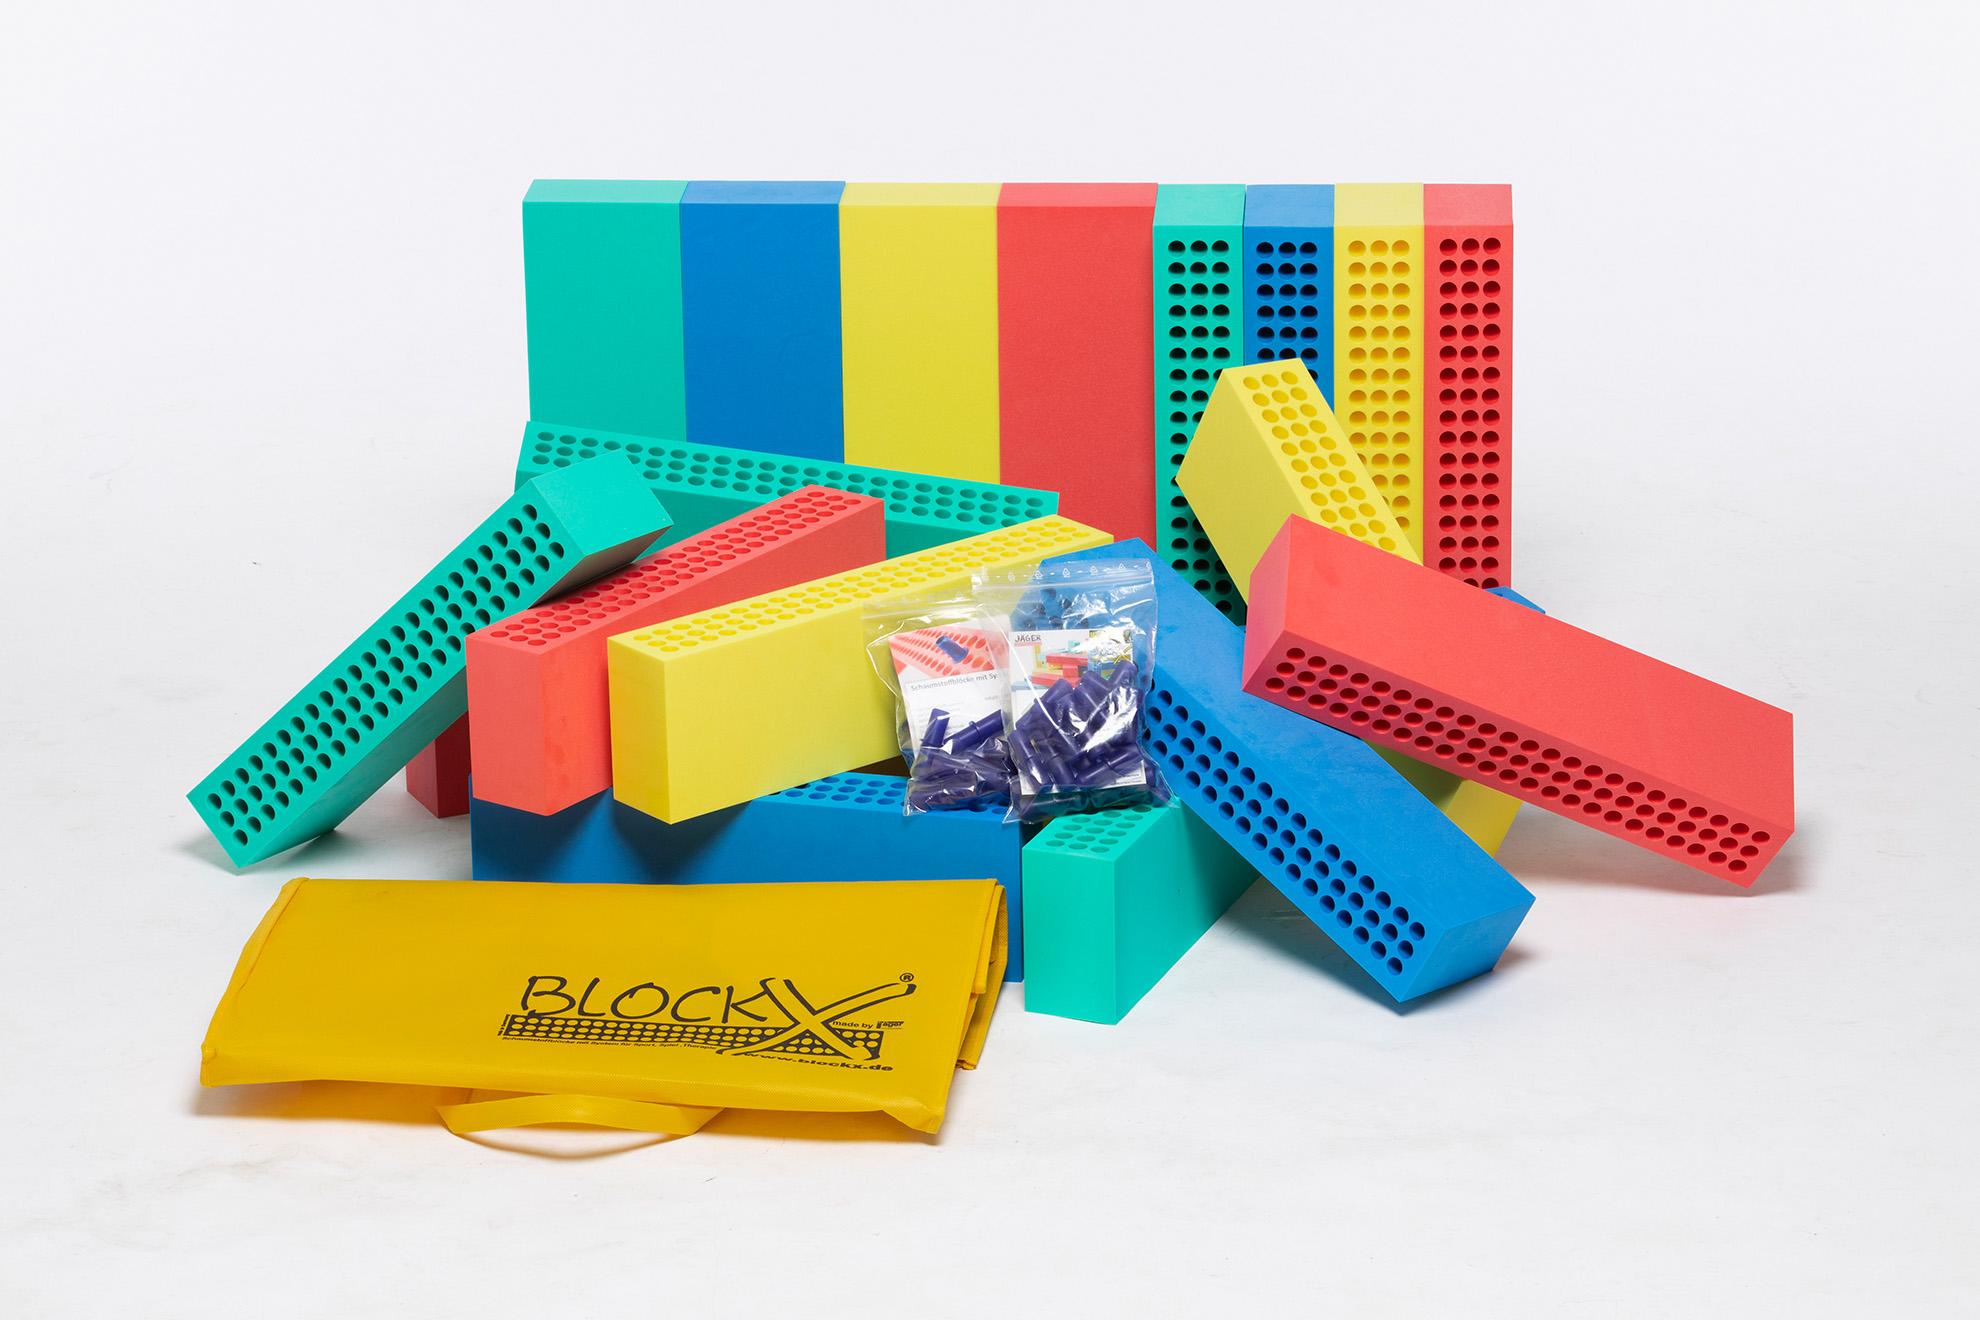 BlockX - Großbausteine